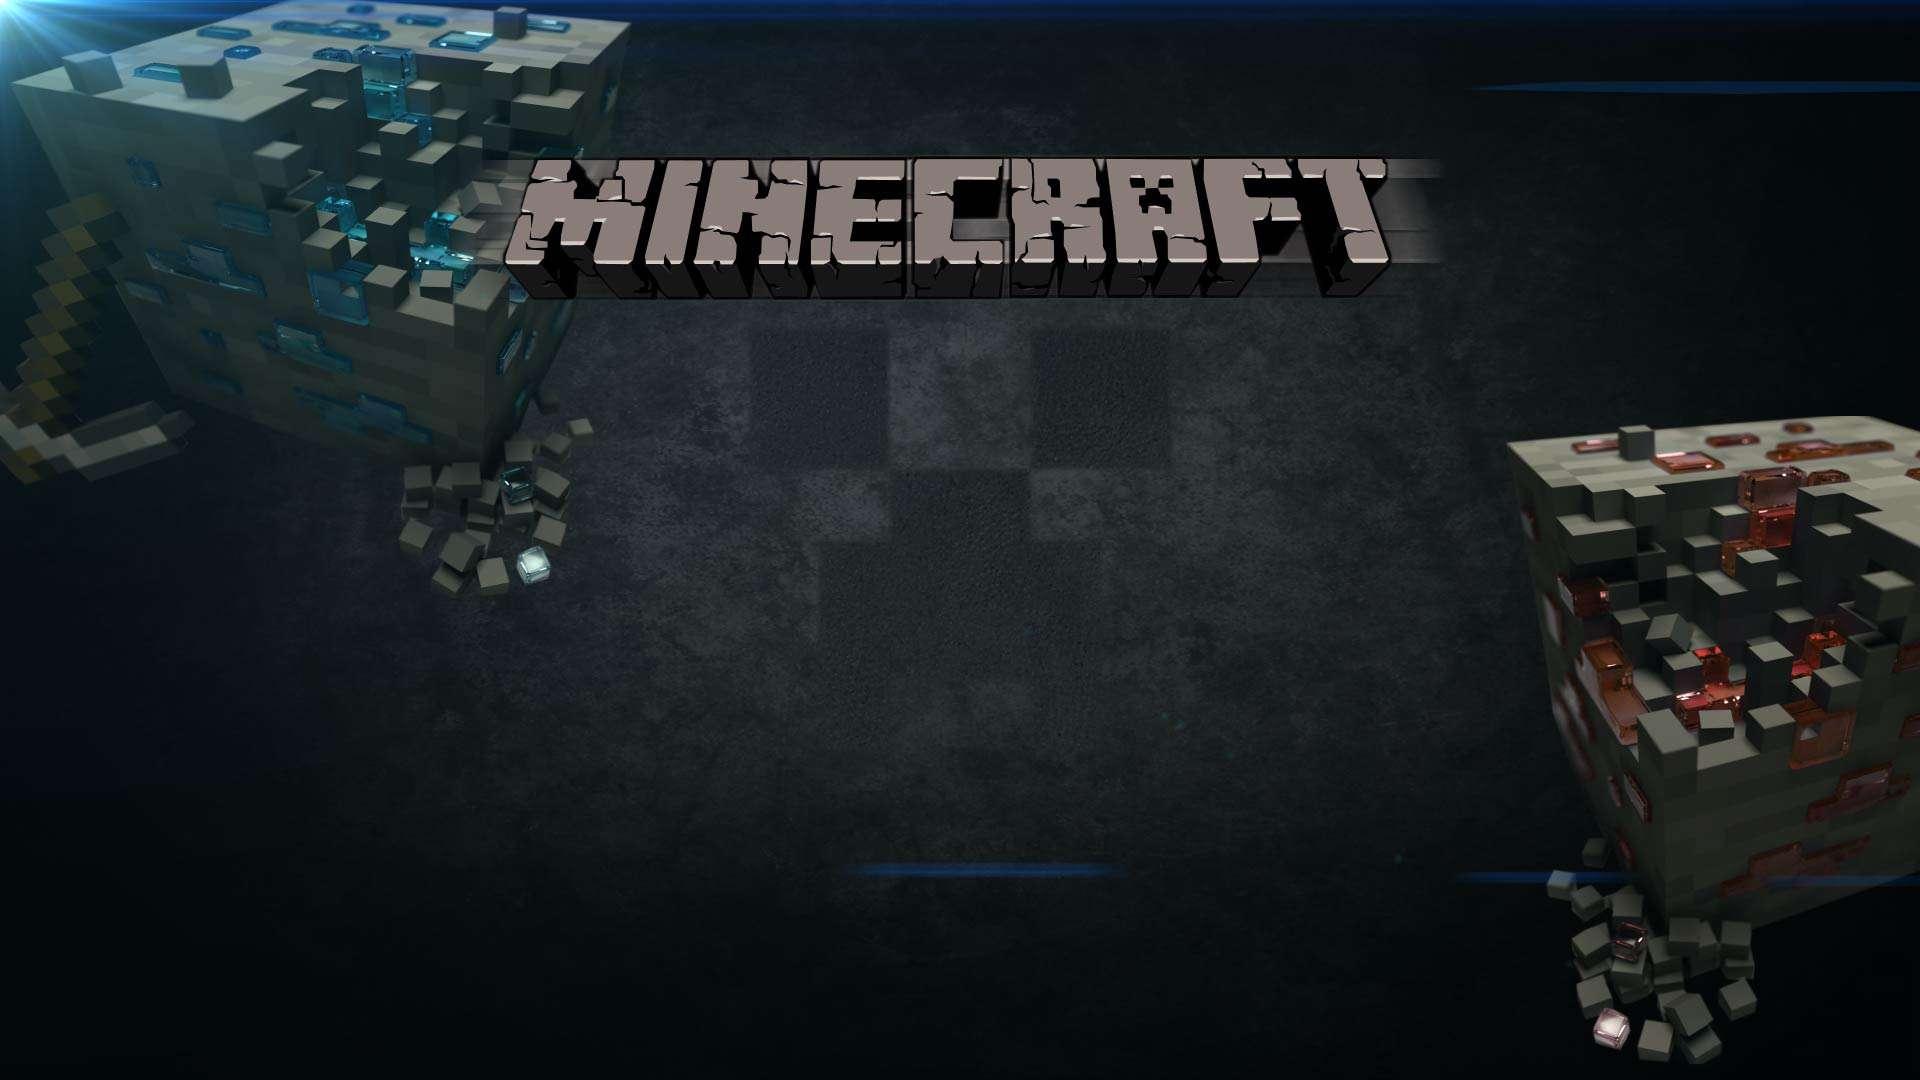 Minecraft spacy wallpaper background blocks